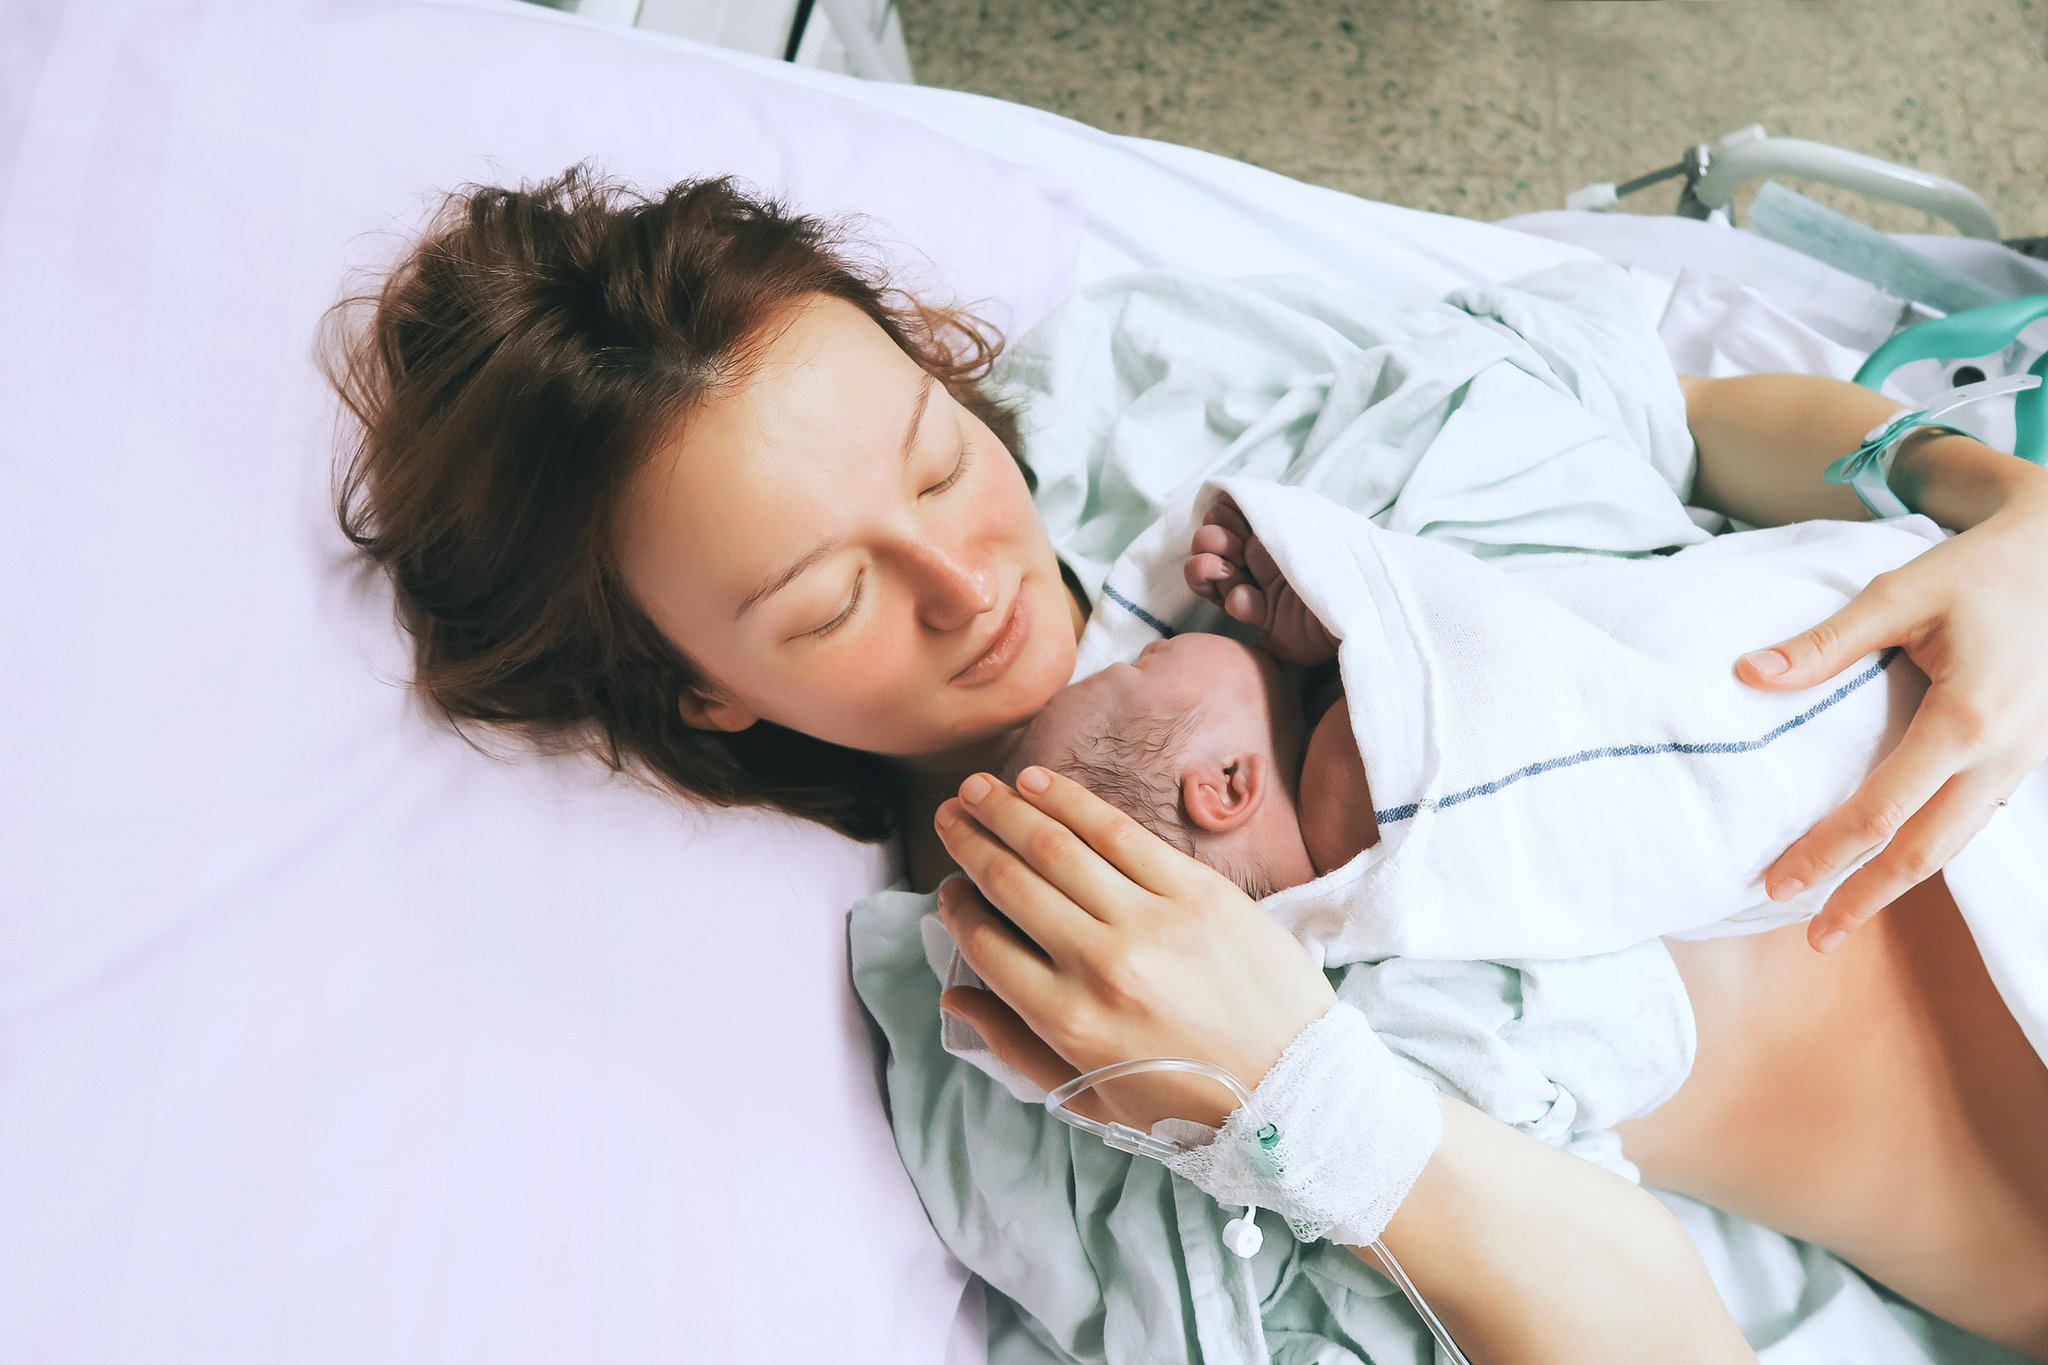 Покупки на беременность: 5 вещей, которые облегчат жизнь